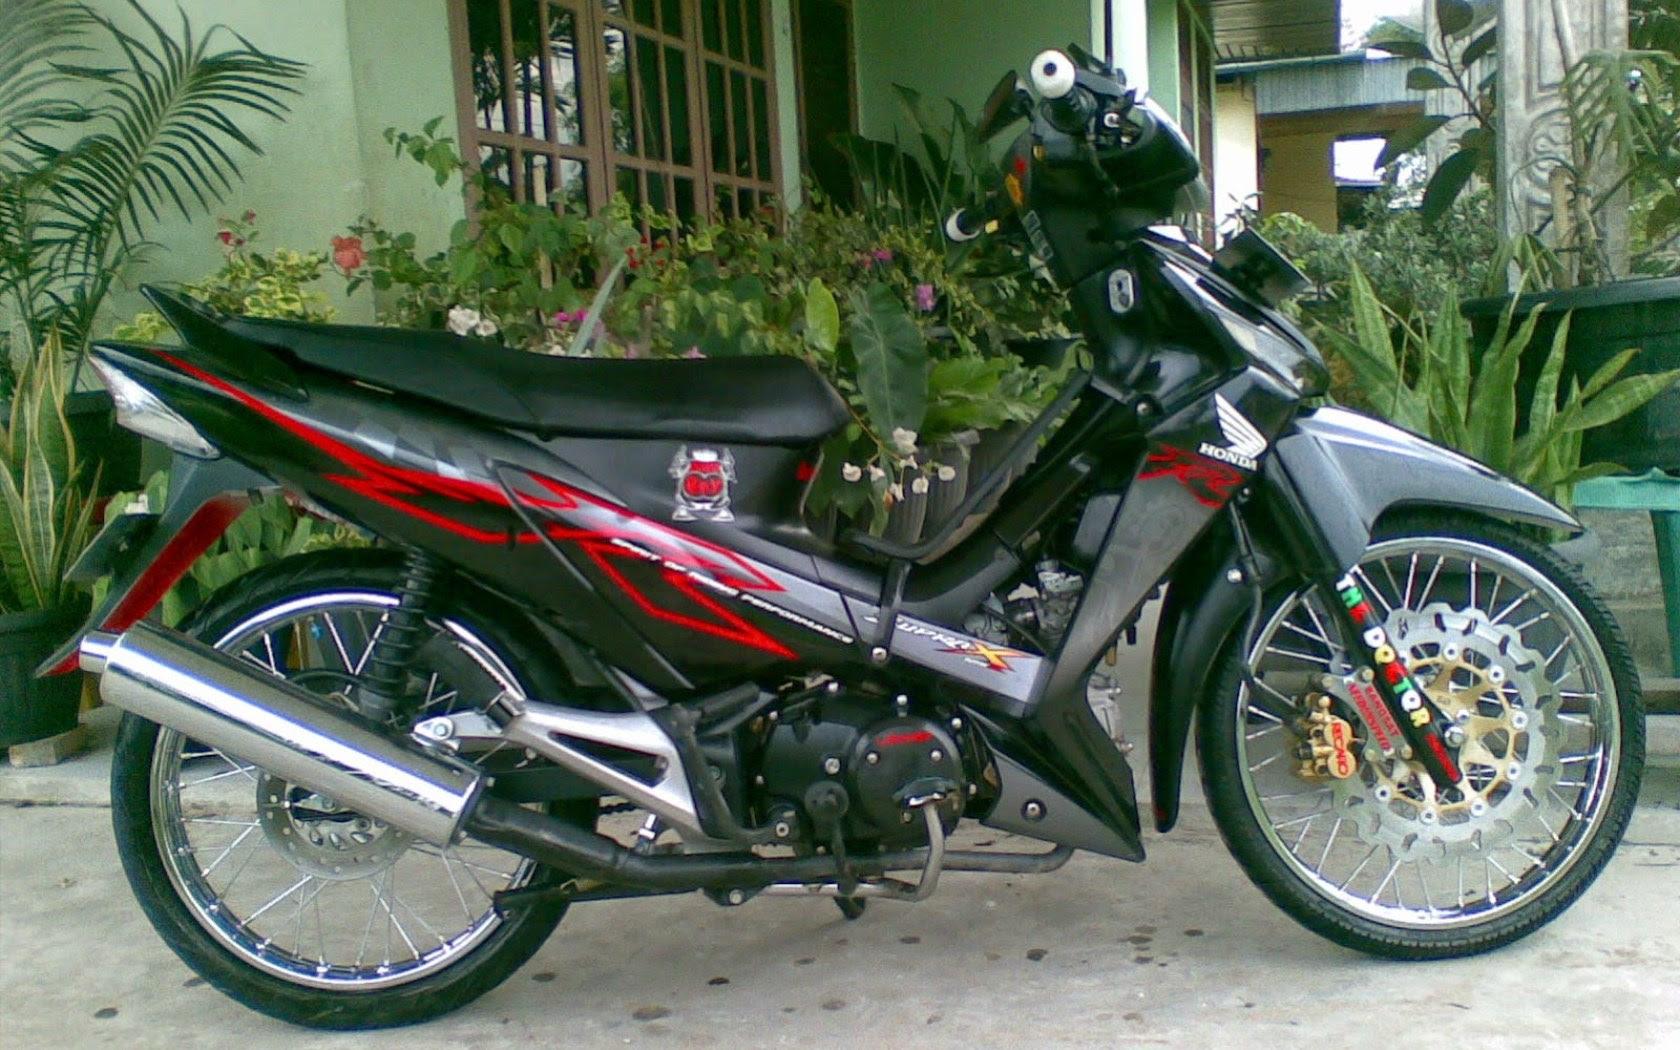 Gambar Modifikasi Motor Supra Fit 2005 Terkeren Dan Terbaru